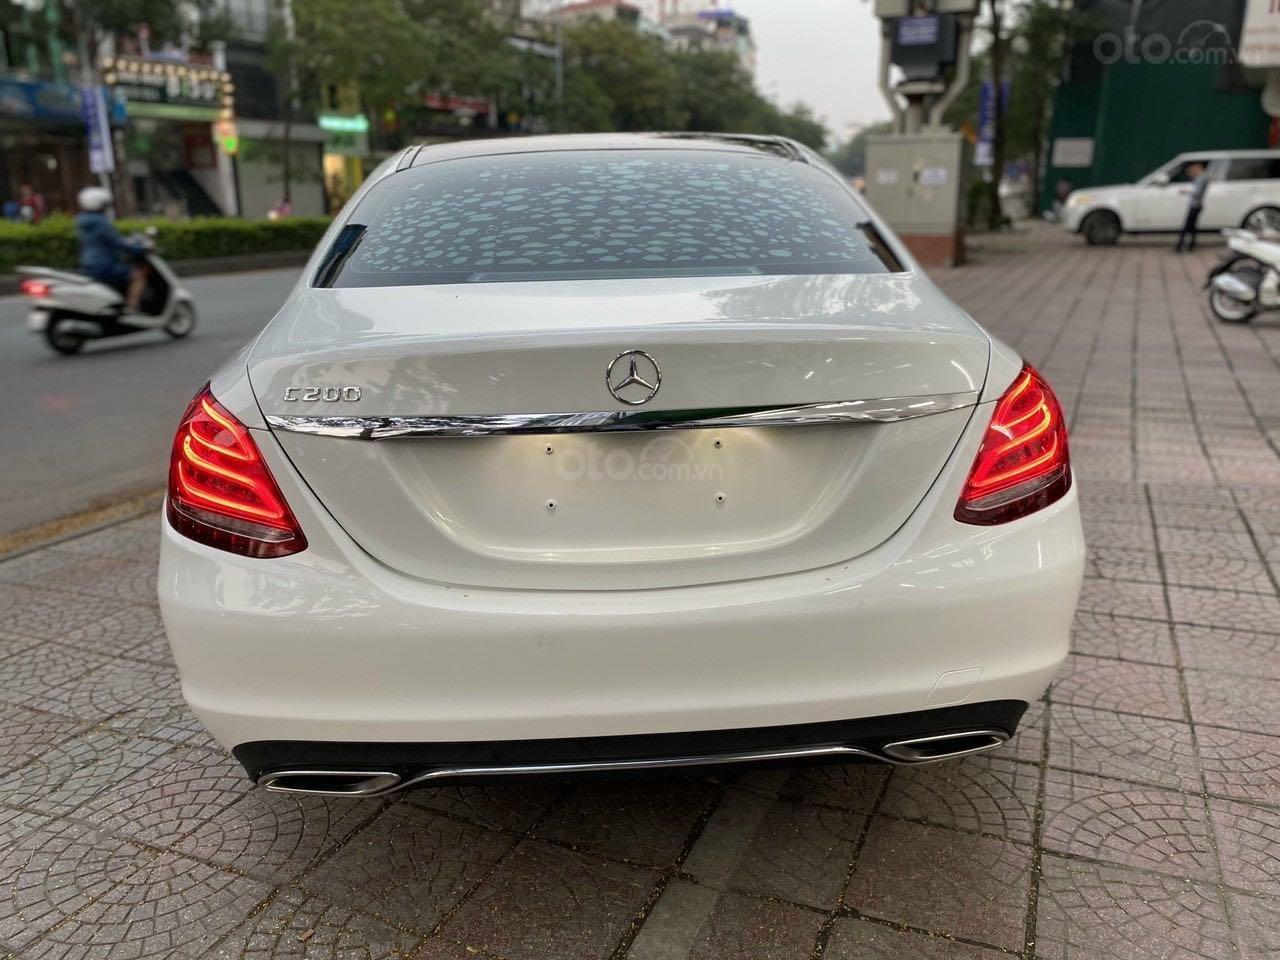 Bán xe Mercedes-Benz C class năm 2016, màu trắng, xe gia đình, giá tốt 1 tỷ 120 triệu đồng (1)